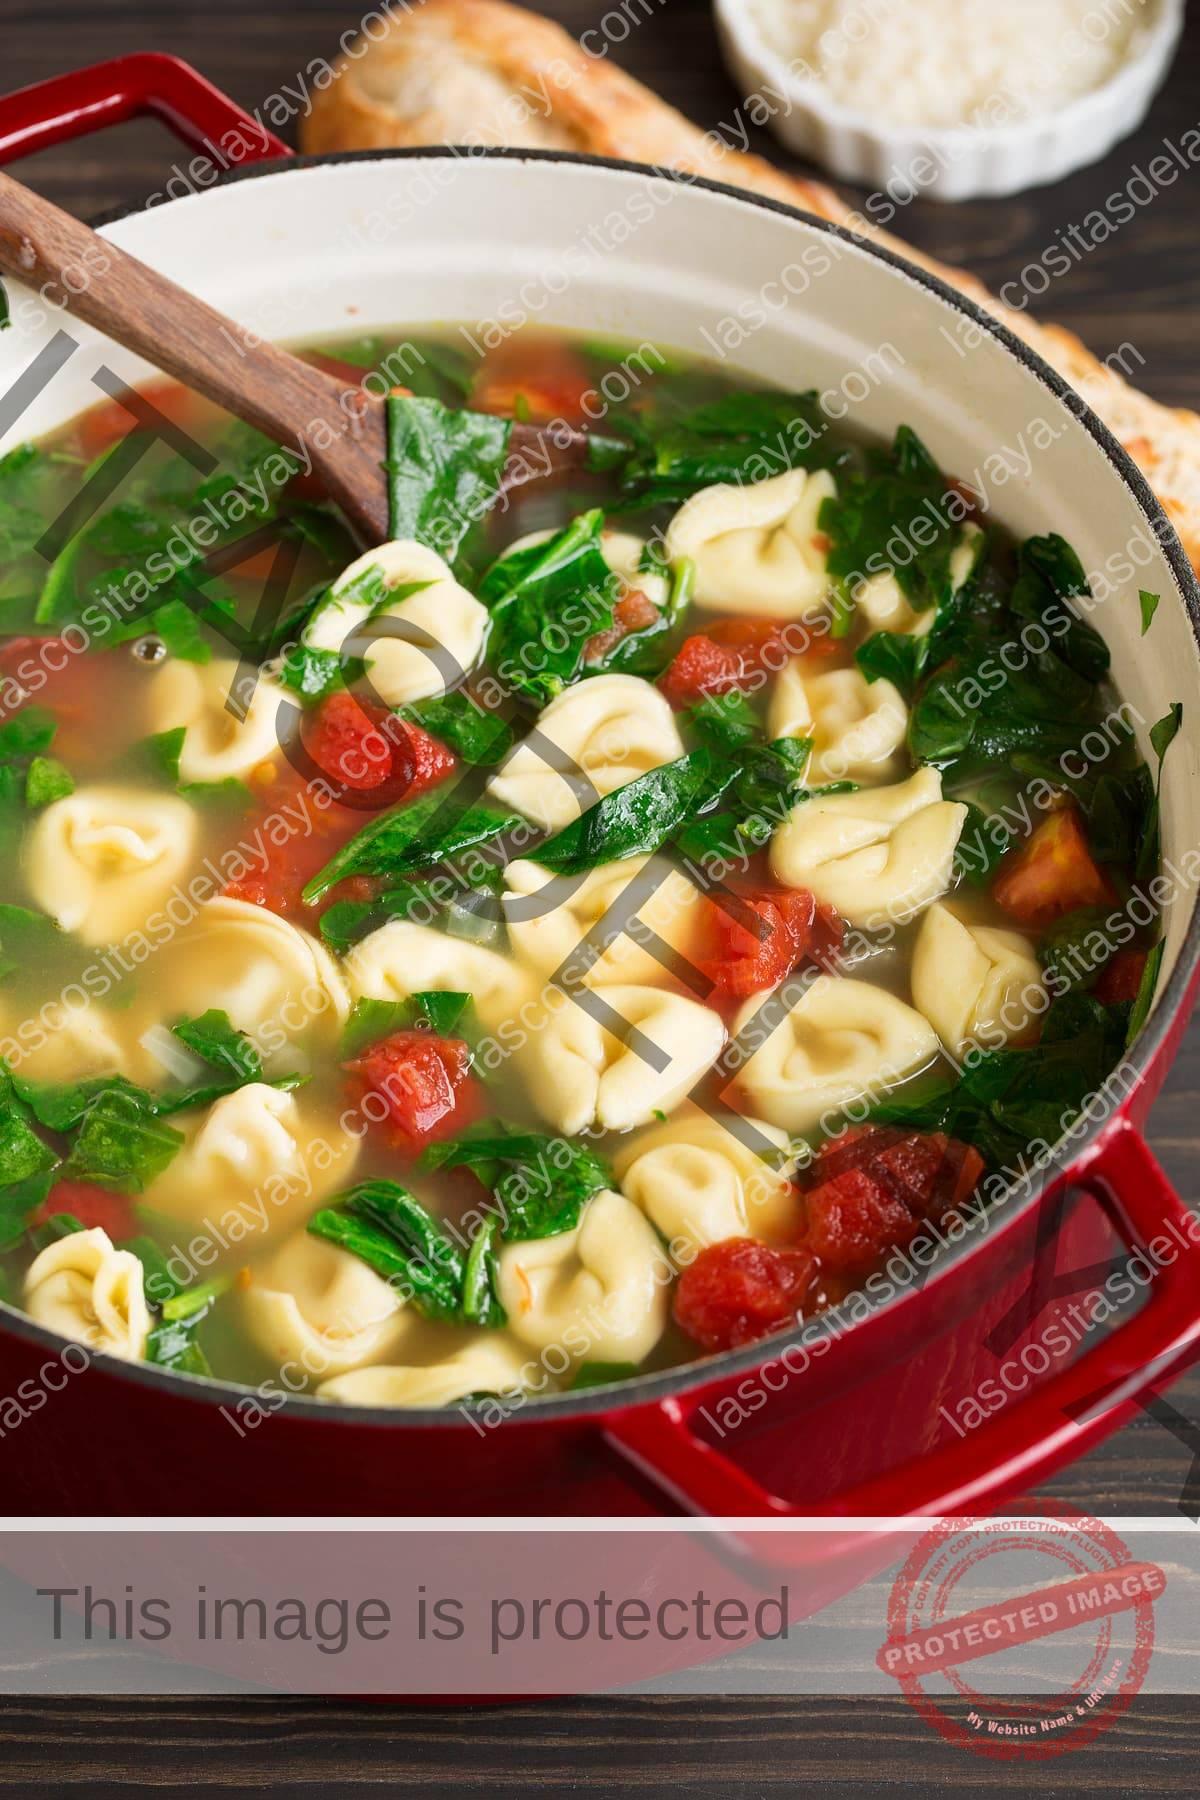 Cerrar imagen de sopa de tortellini en una sartén roja sobre una mesa de madera.